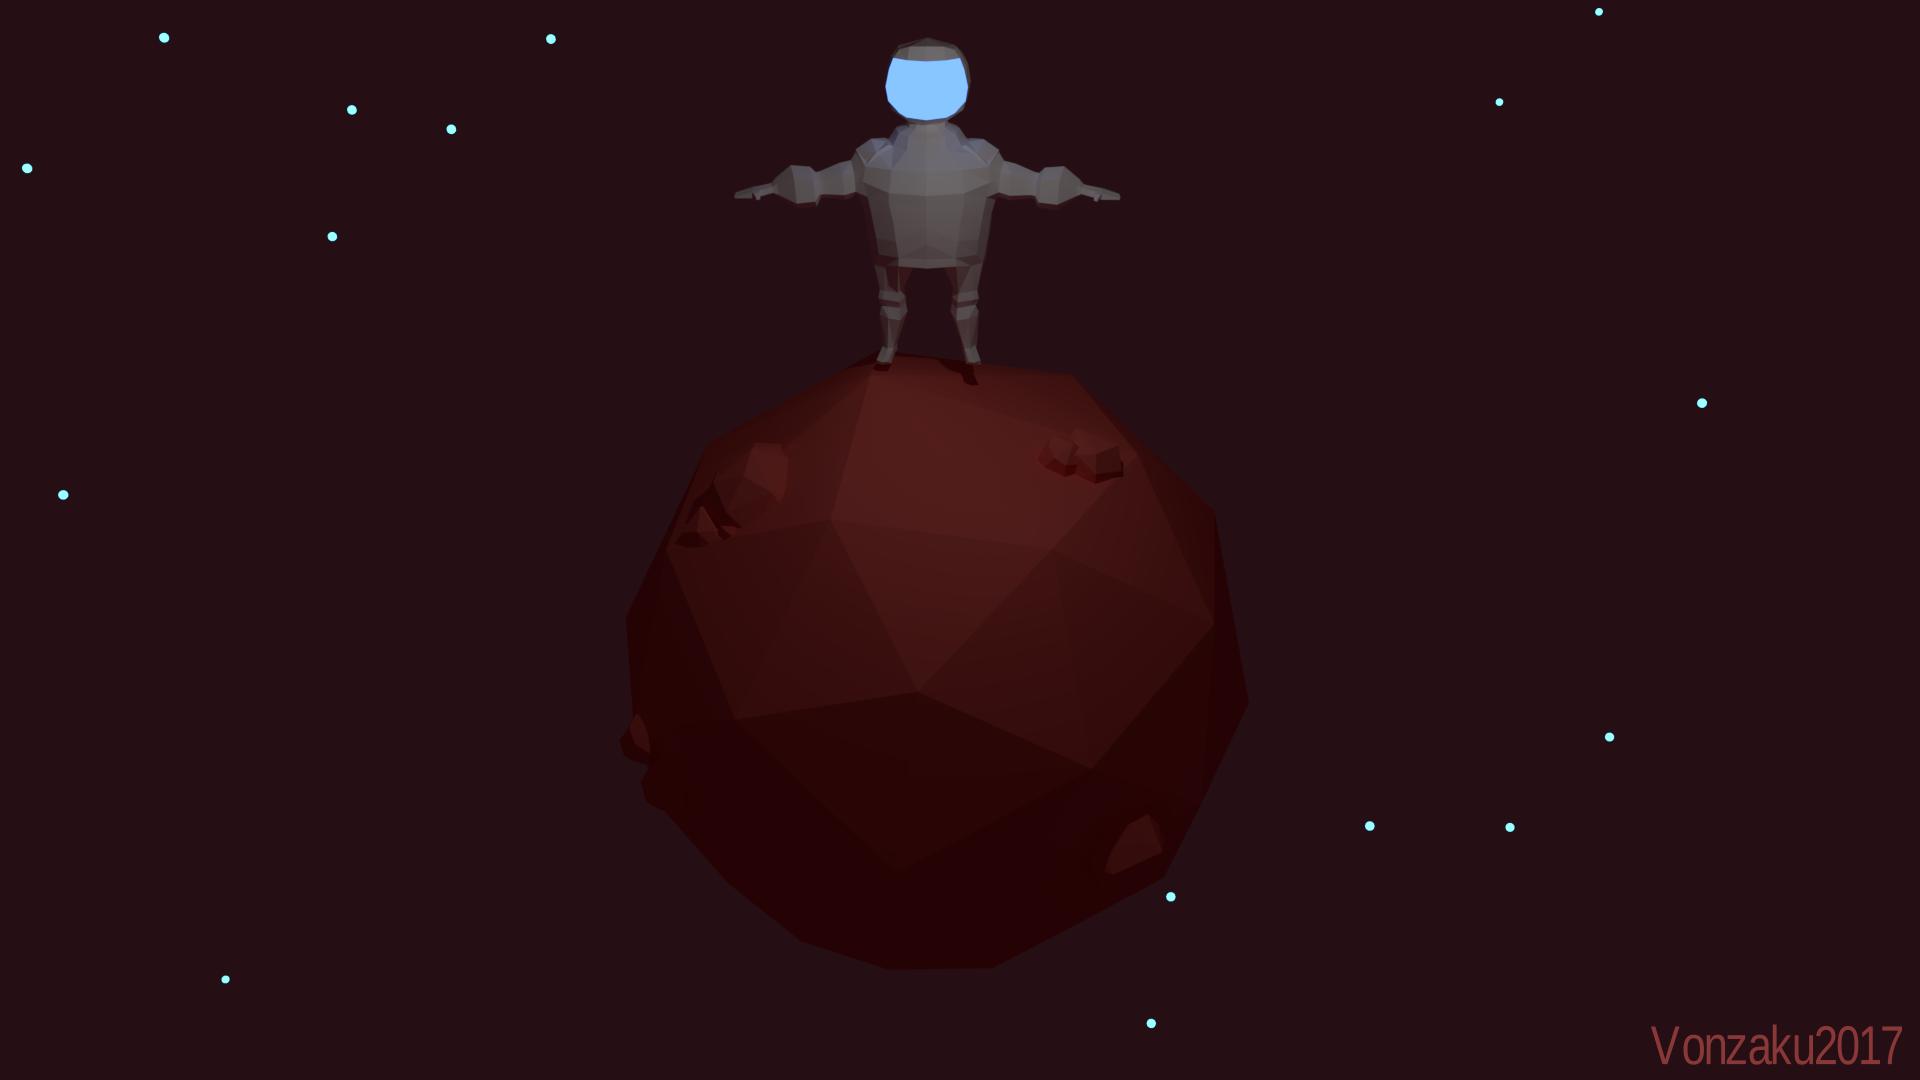 On Mars